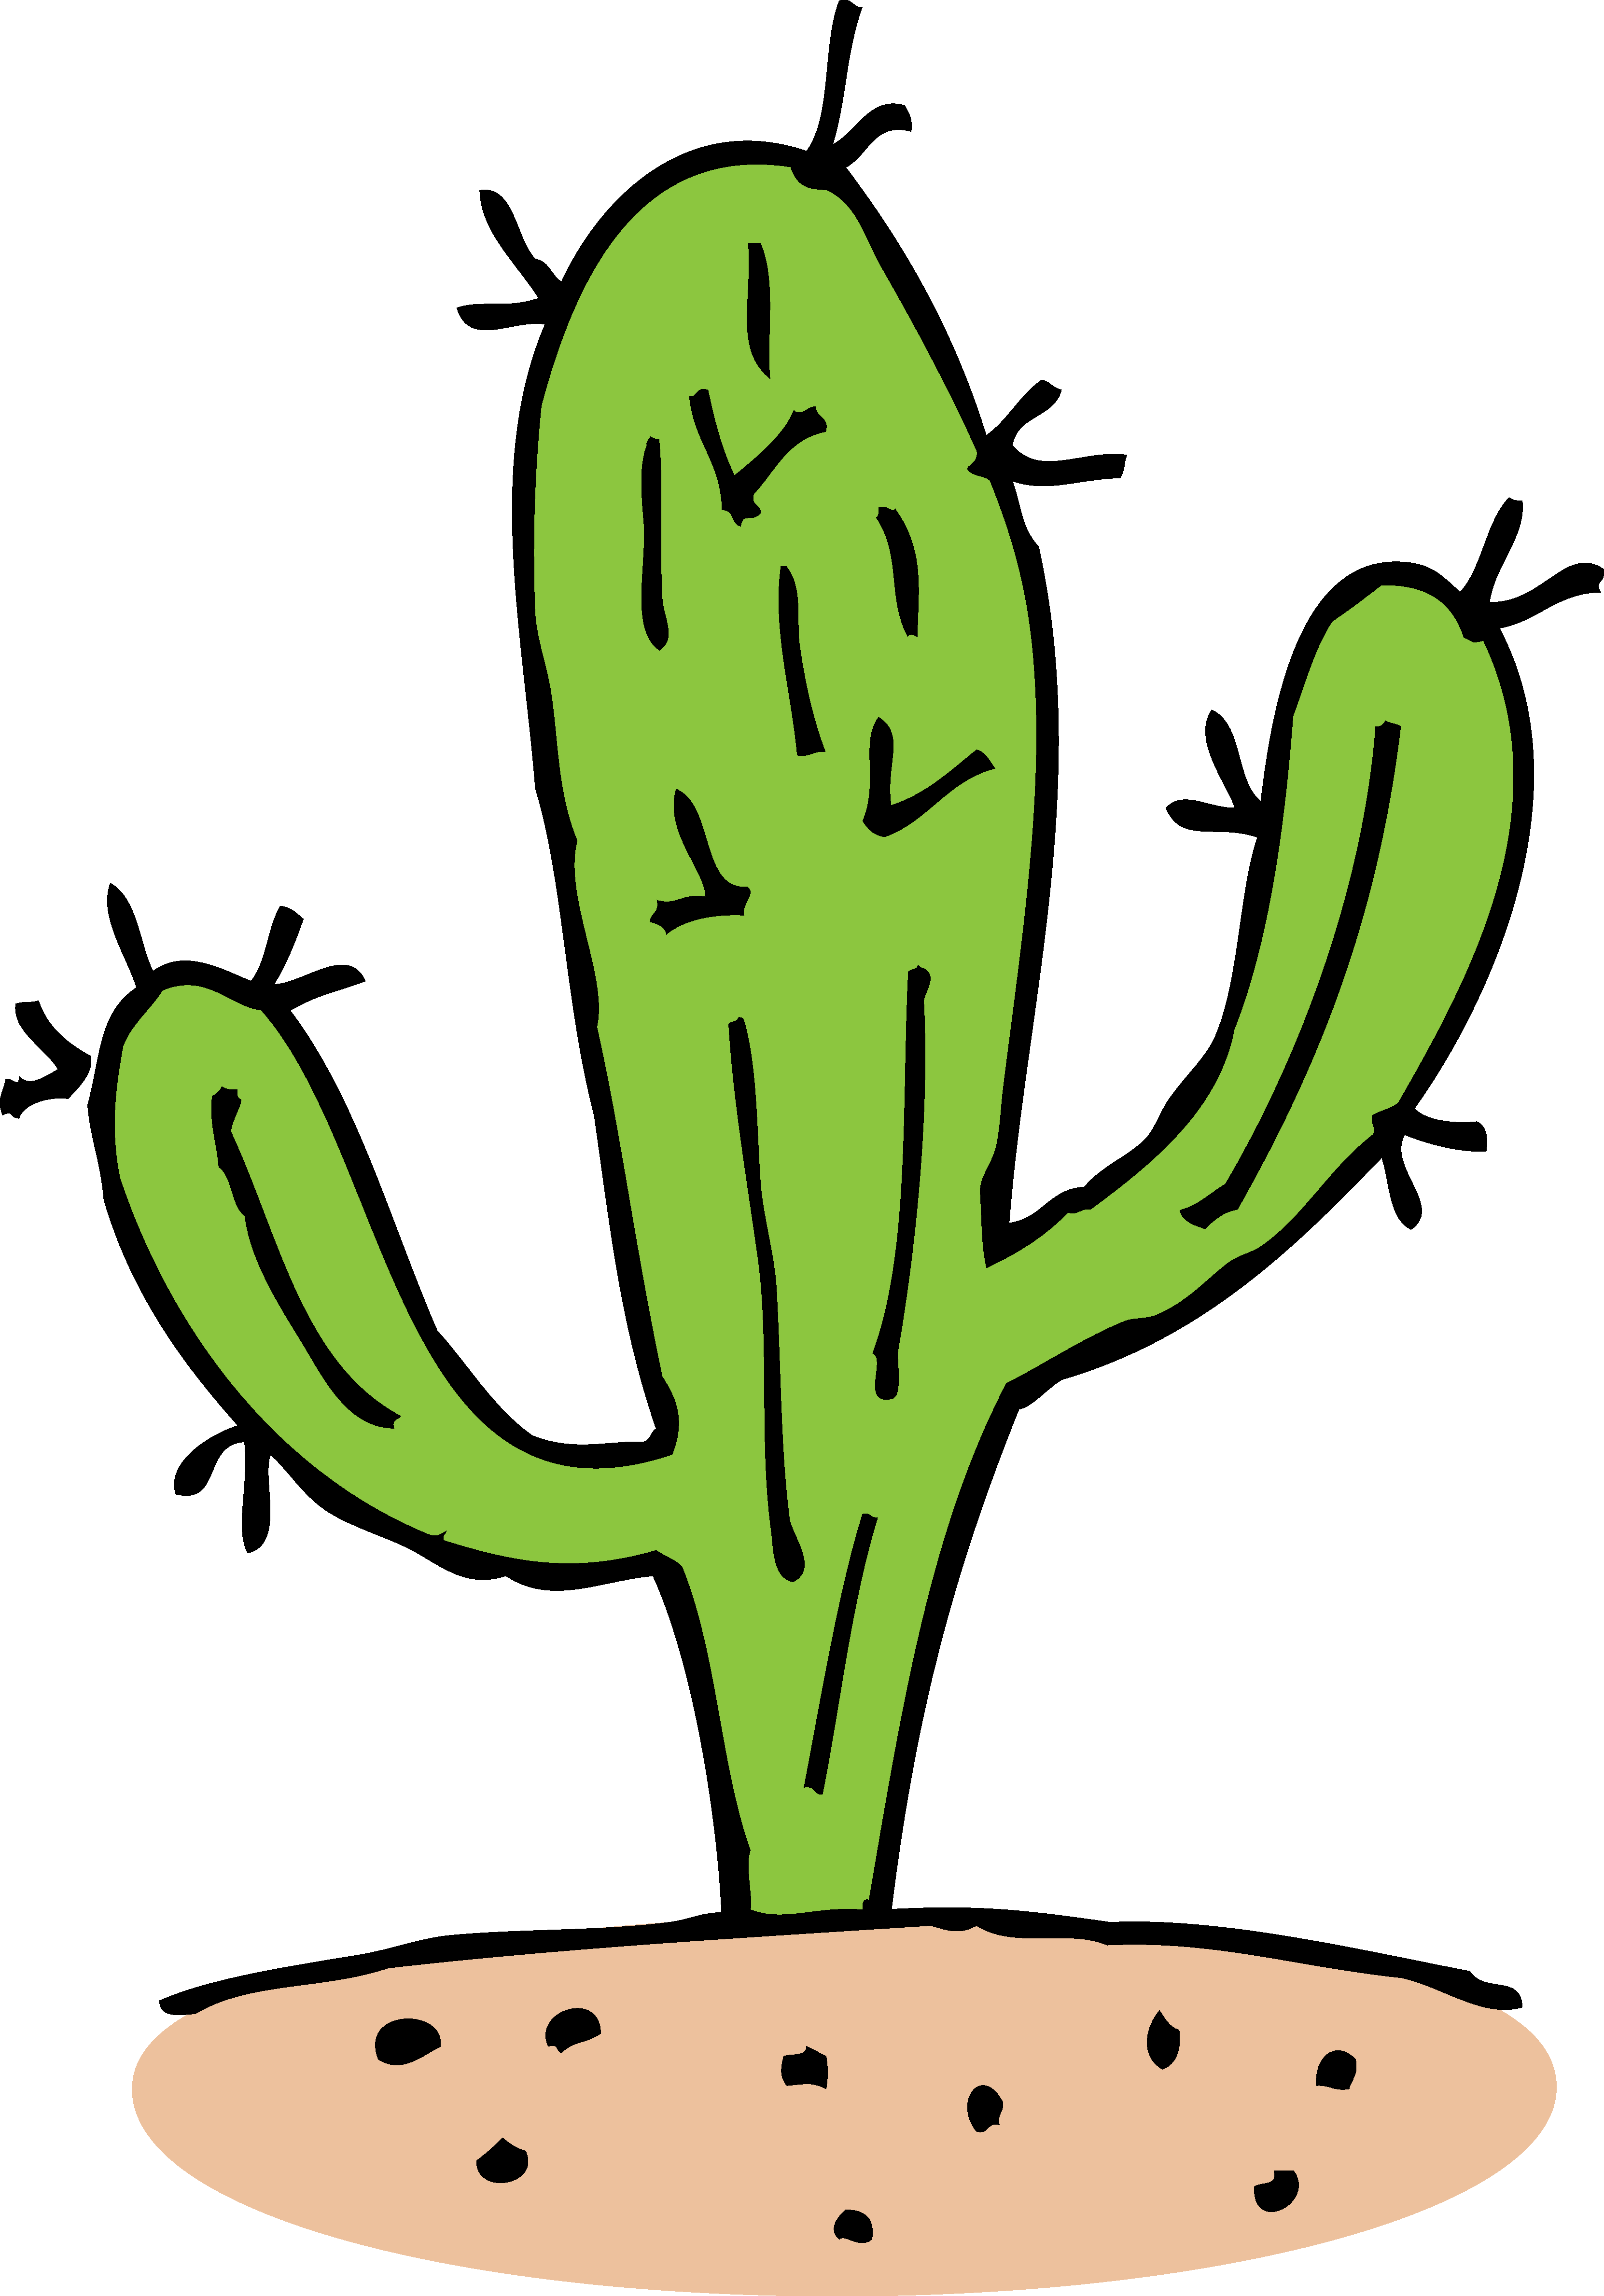 Drawn cactus flat design Free Cactus Panda Clipart cactus%20clipart